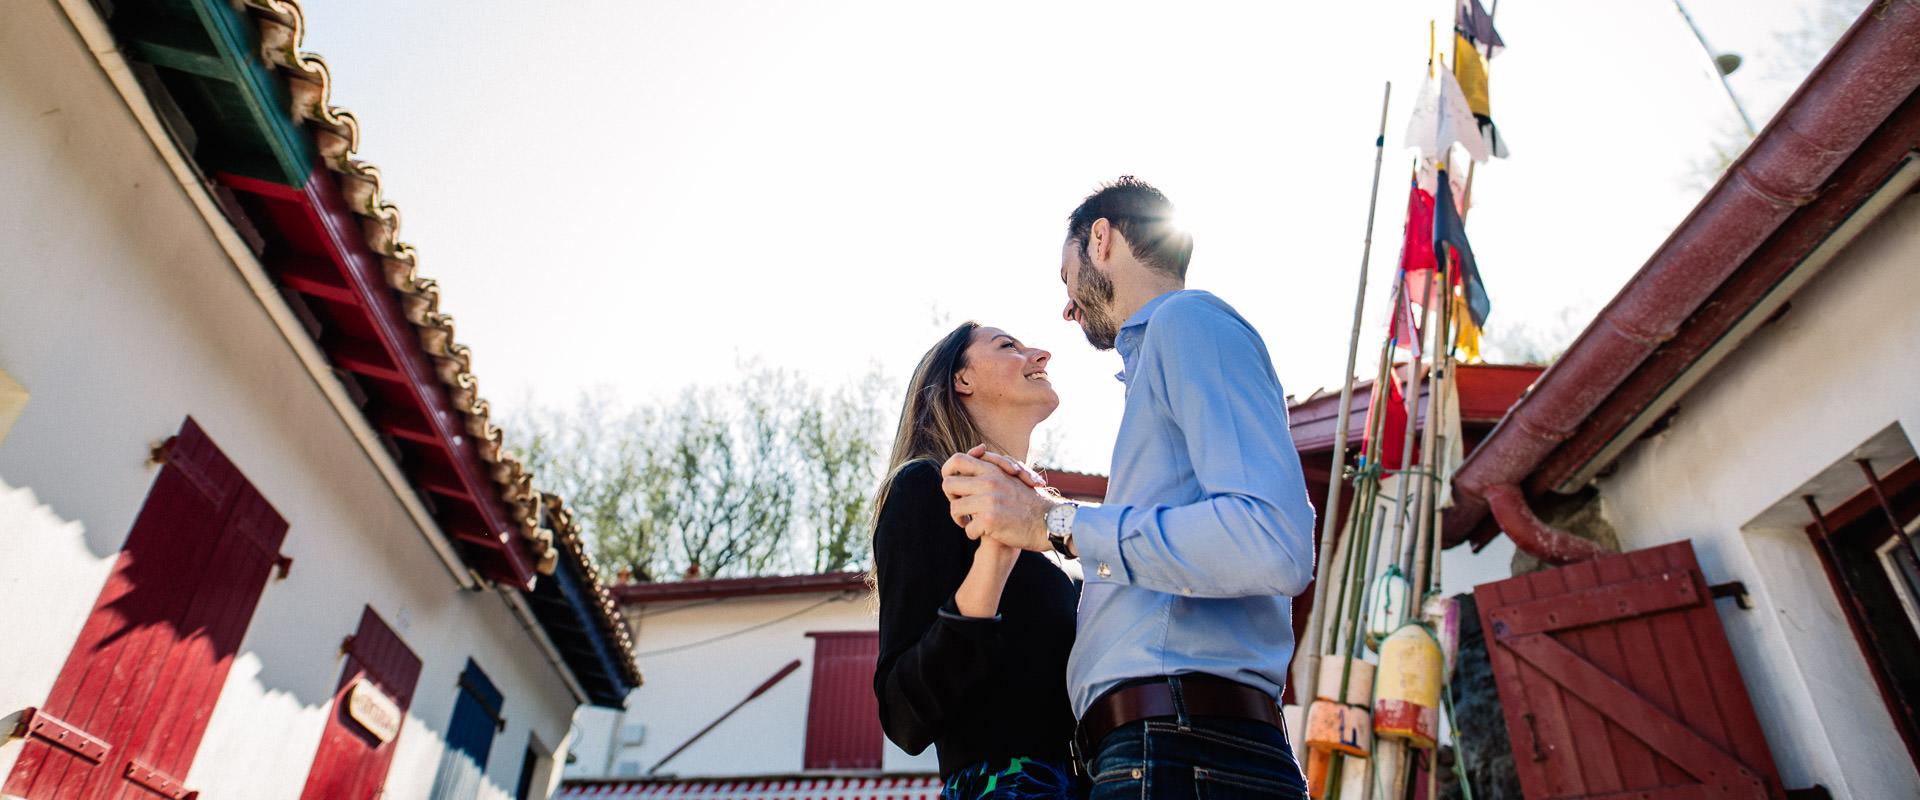 photographe couple amoureux pau